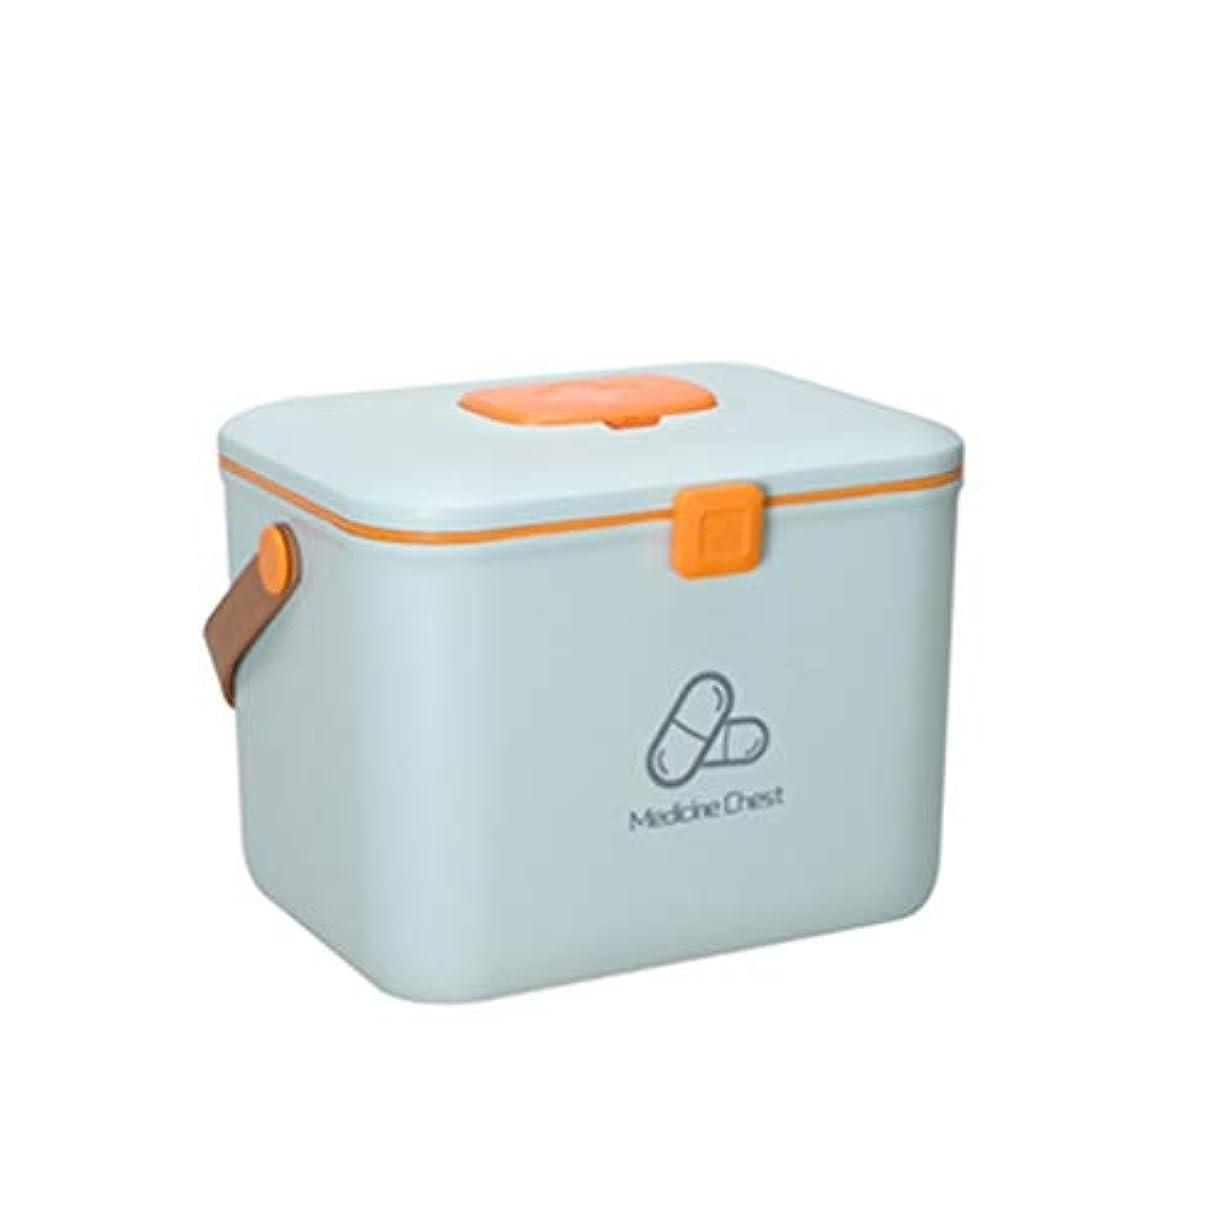 繰り返し致命的な診断するSGLI 医療用収納ボックス、ポータブル救急箱、在宅医療用キャビネット (Color : Blue, Size : 25cm×19cm)